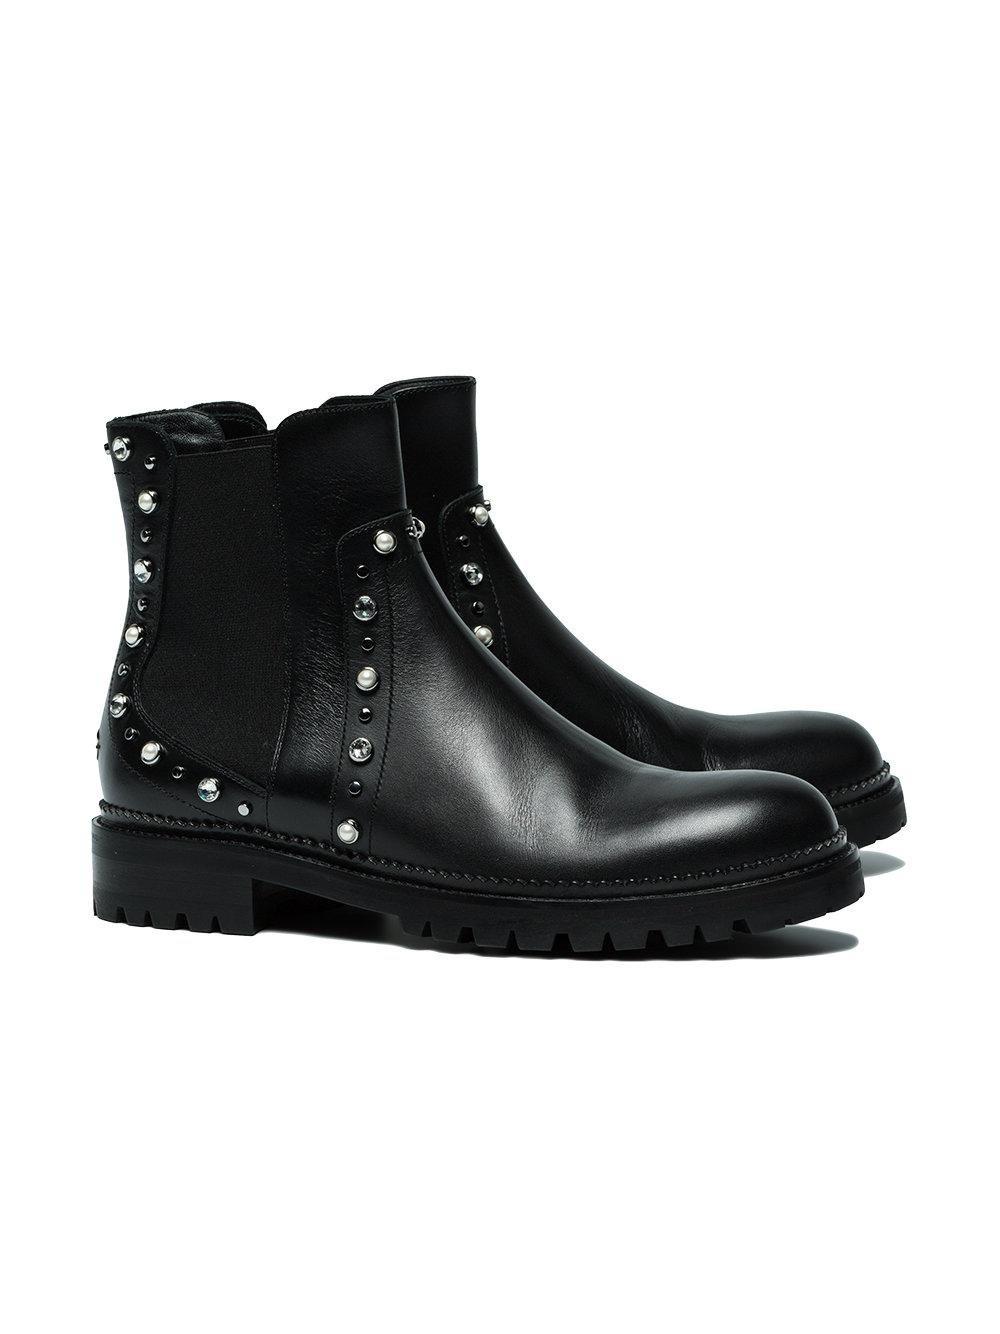 Compra Consultar Barato Jimmy Choo Burrow boots - Black farfetch neri 2018 Unisex En Línea Excelente Para La Venta sDntVGl0Ng